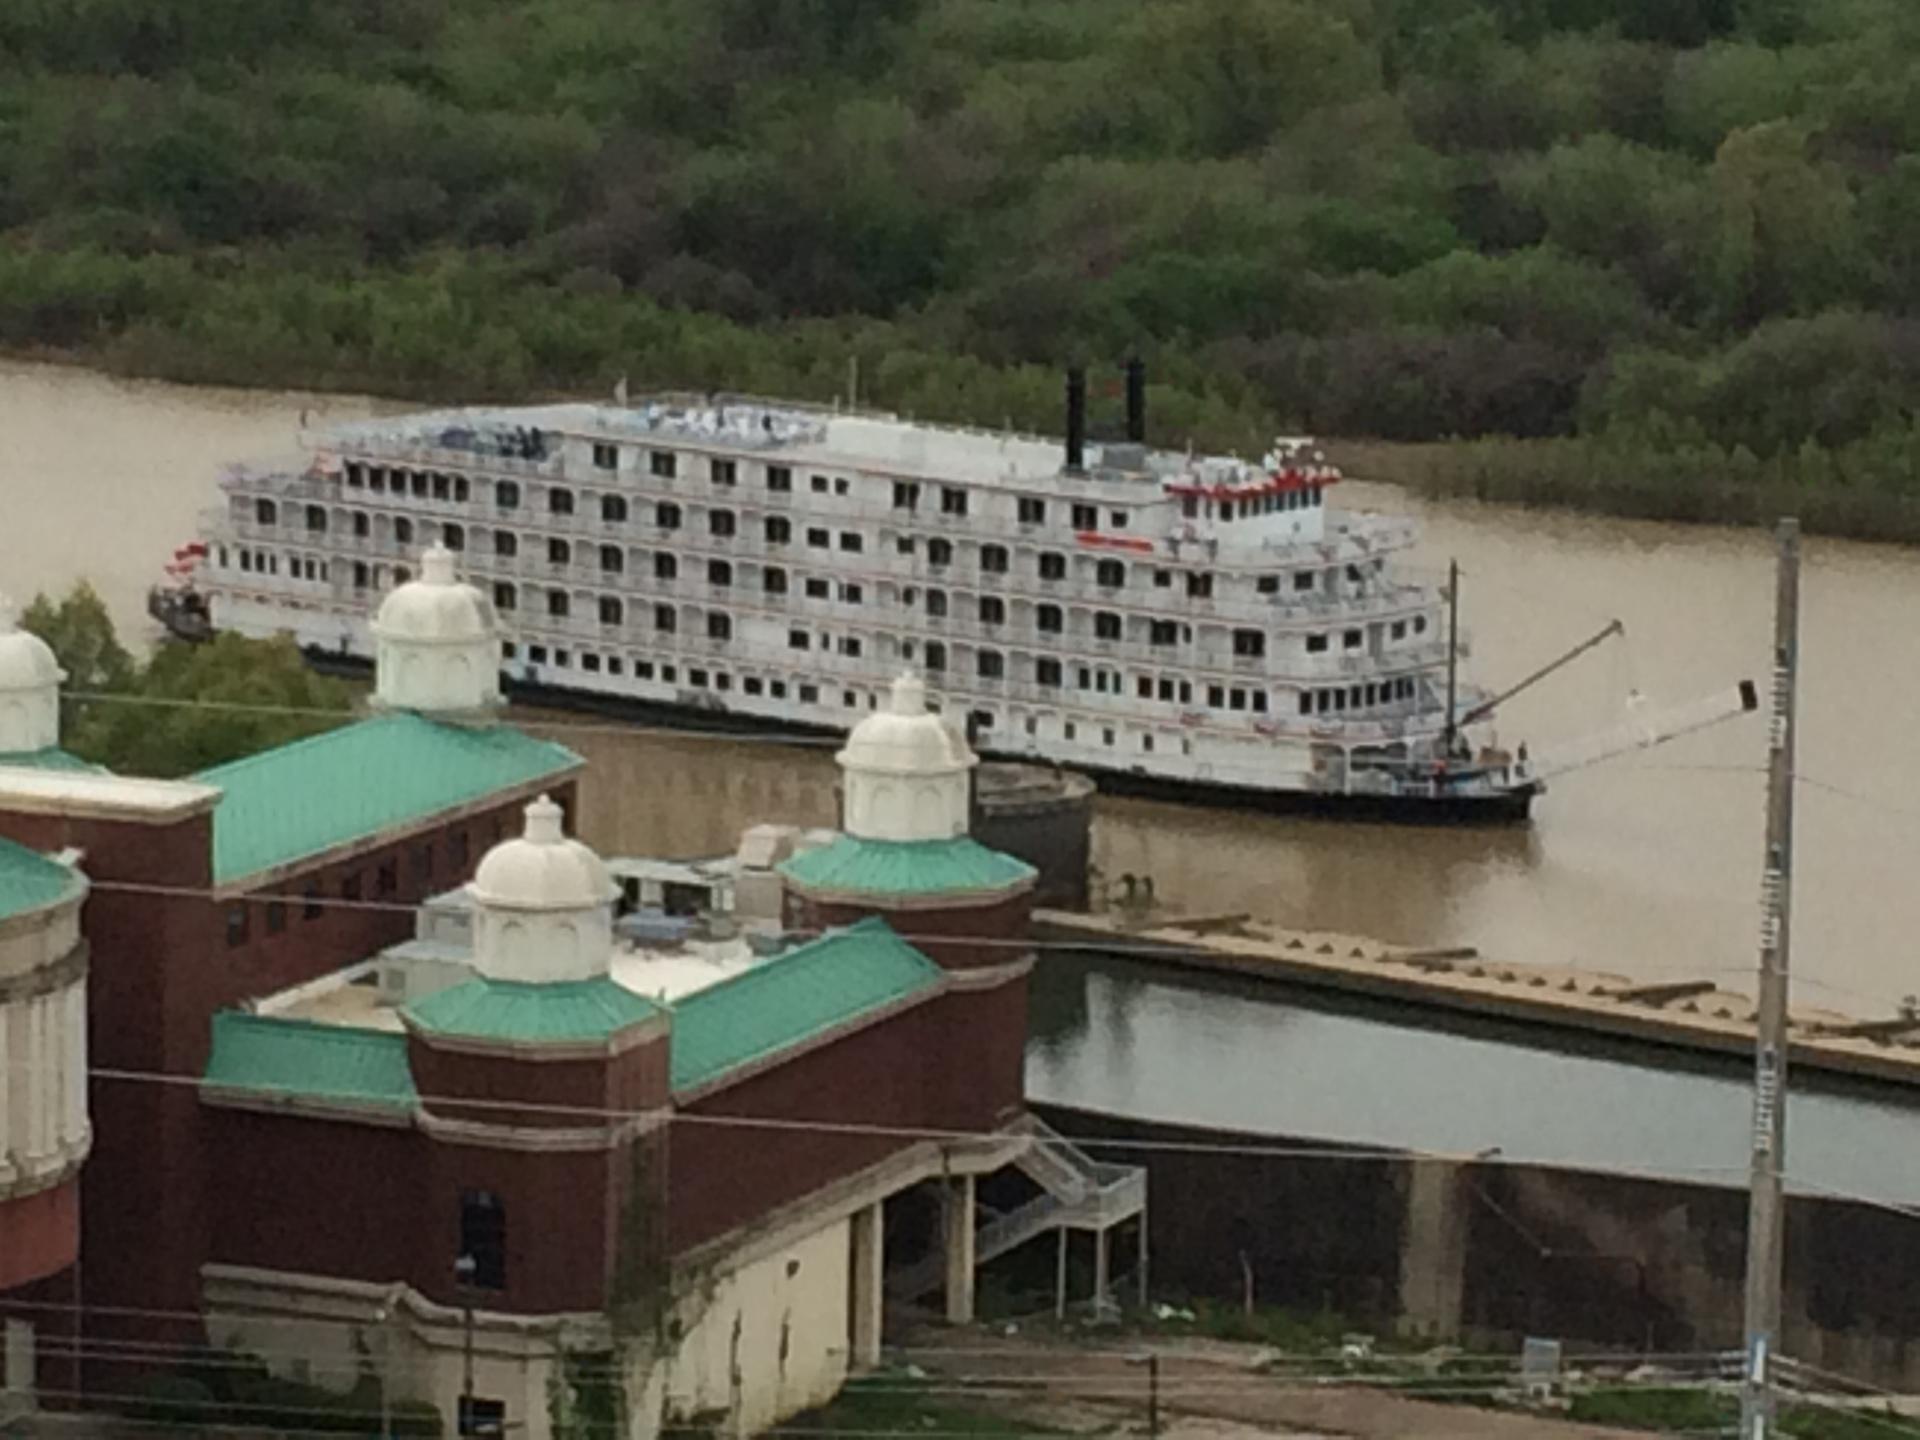 Vicksburg and Beyond